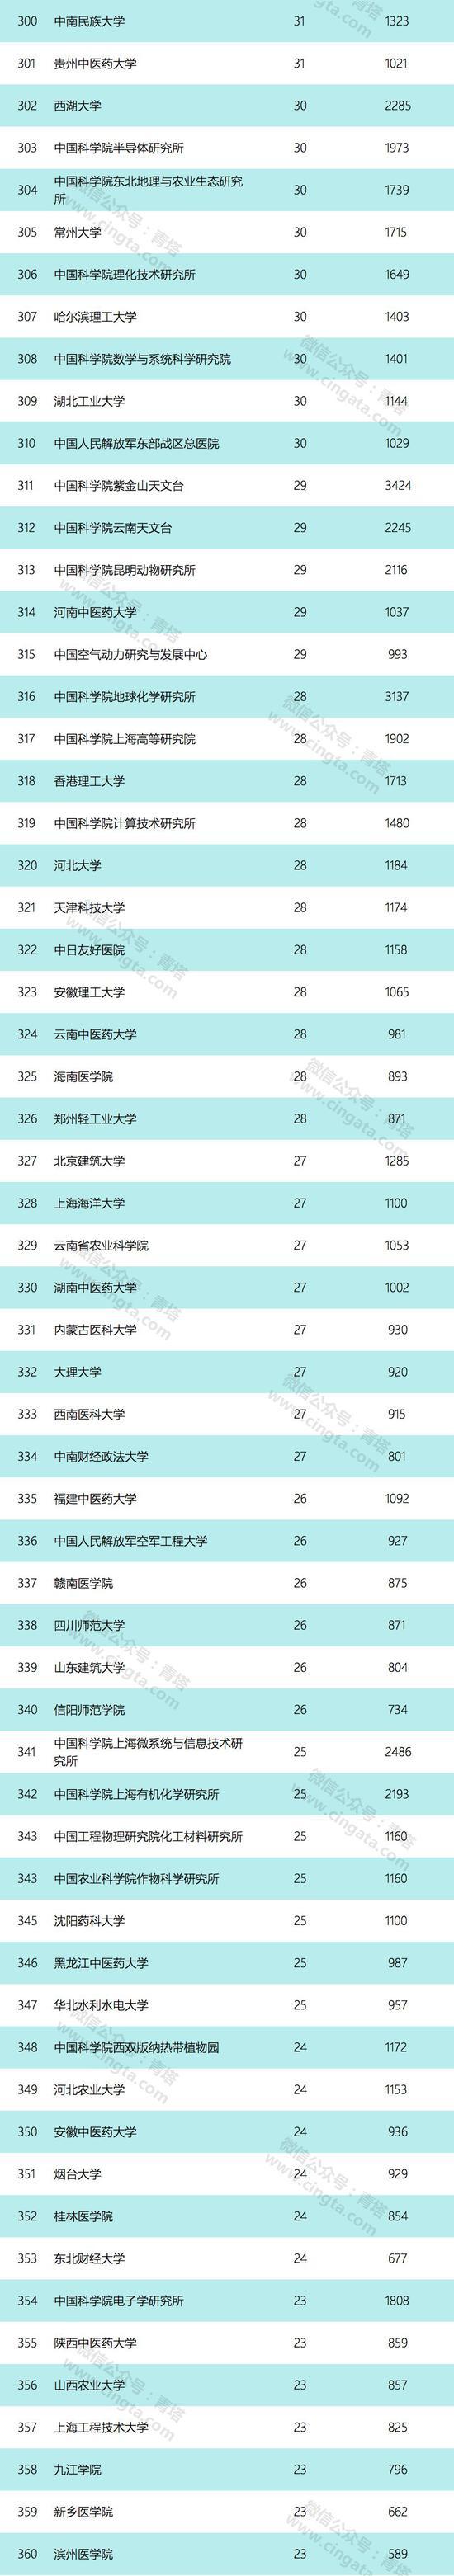 2019国家自然科学基金数出炉 上海交大第一中大第二